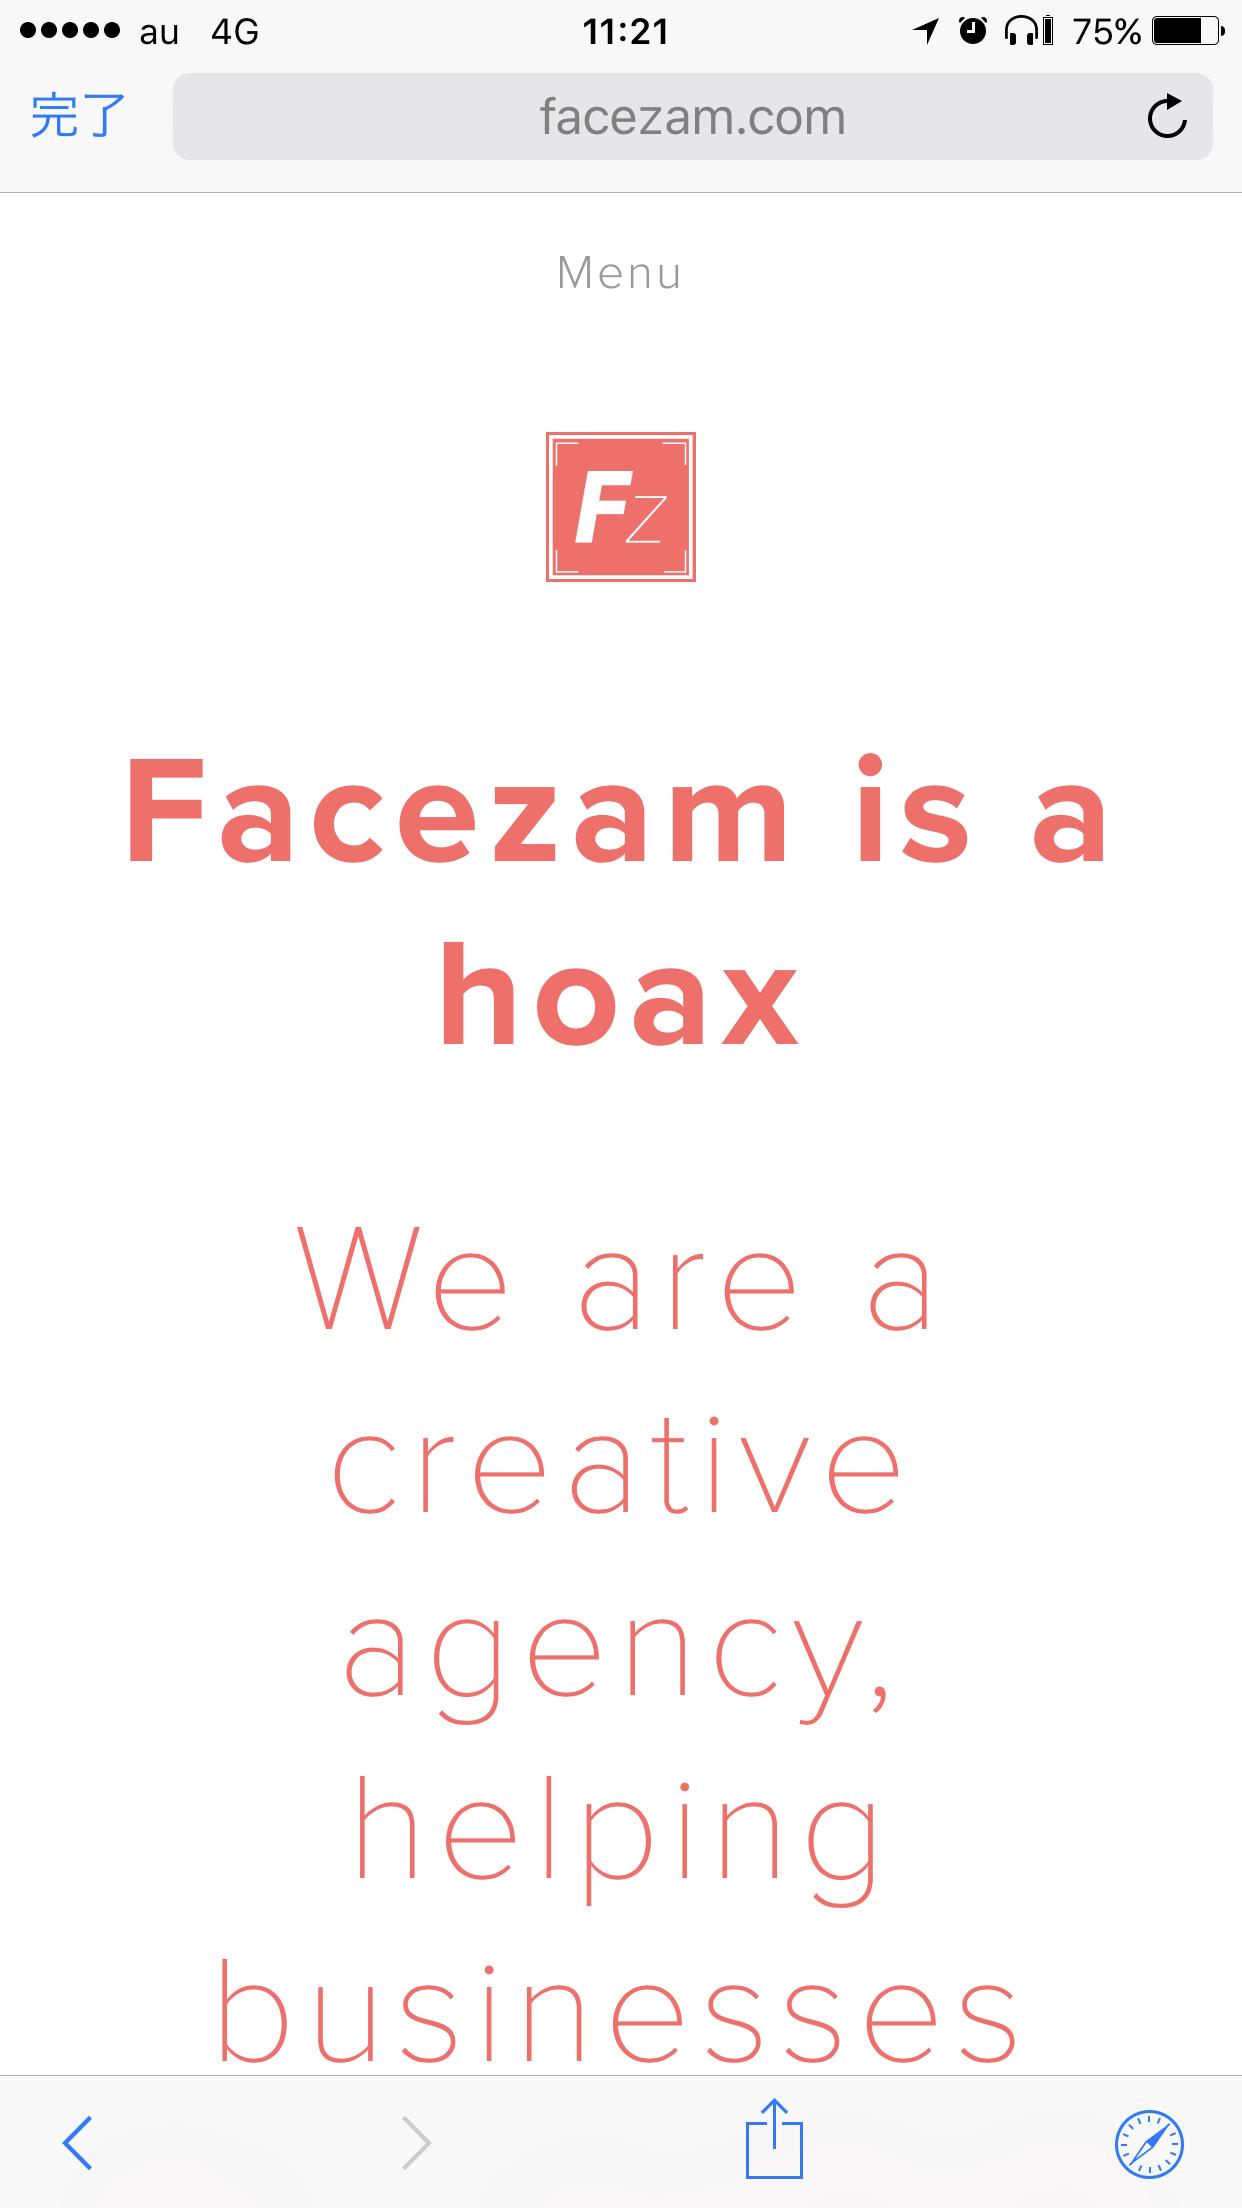 Photozam was a hoax